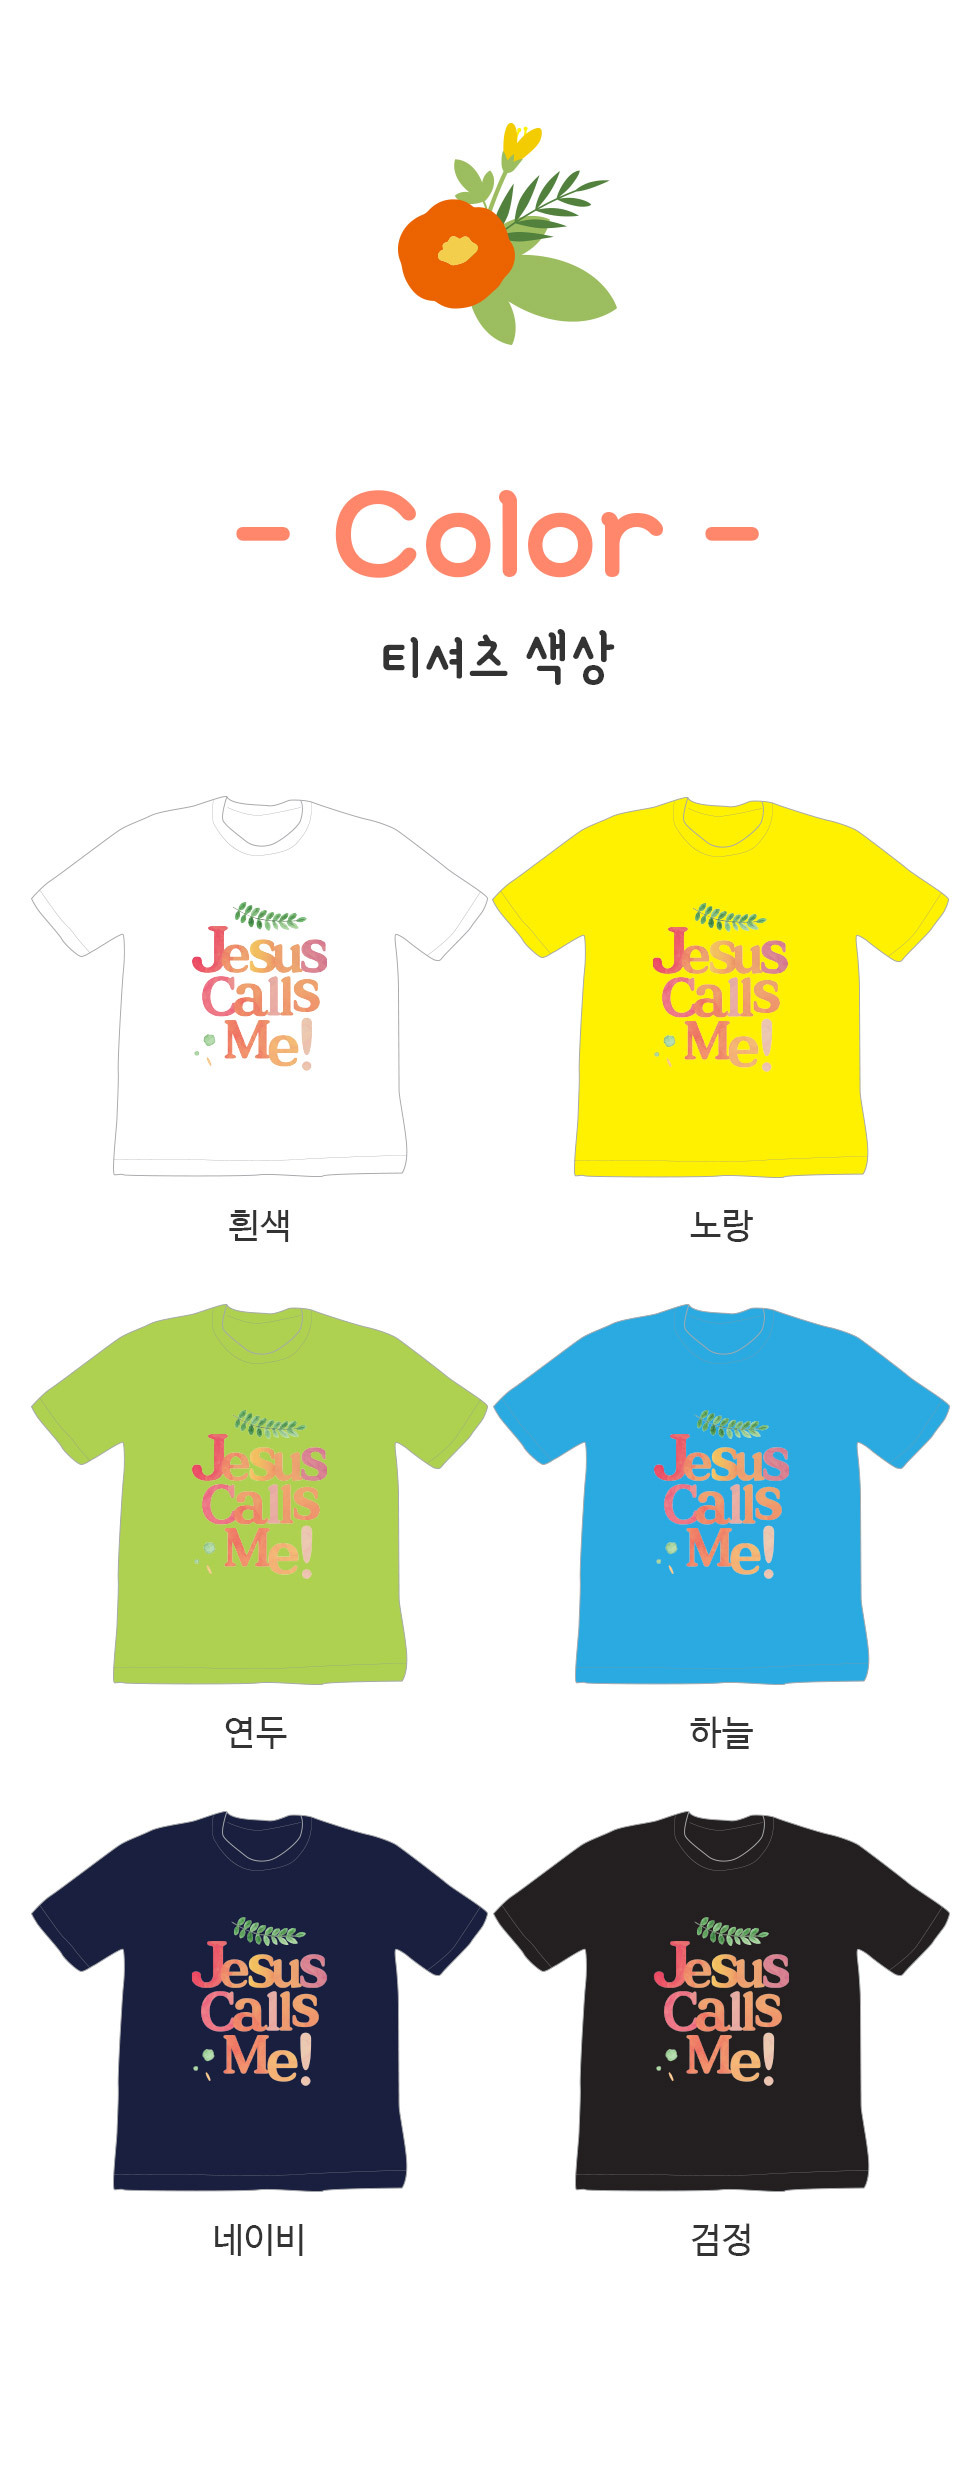 예수님이 부르세요, Jesus calls me - 성인티셔츠(콜미) 티셔츠 색상보기